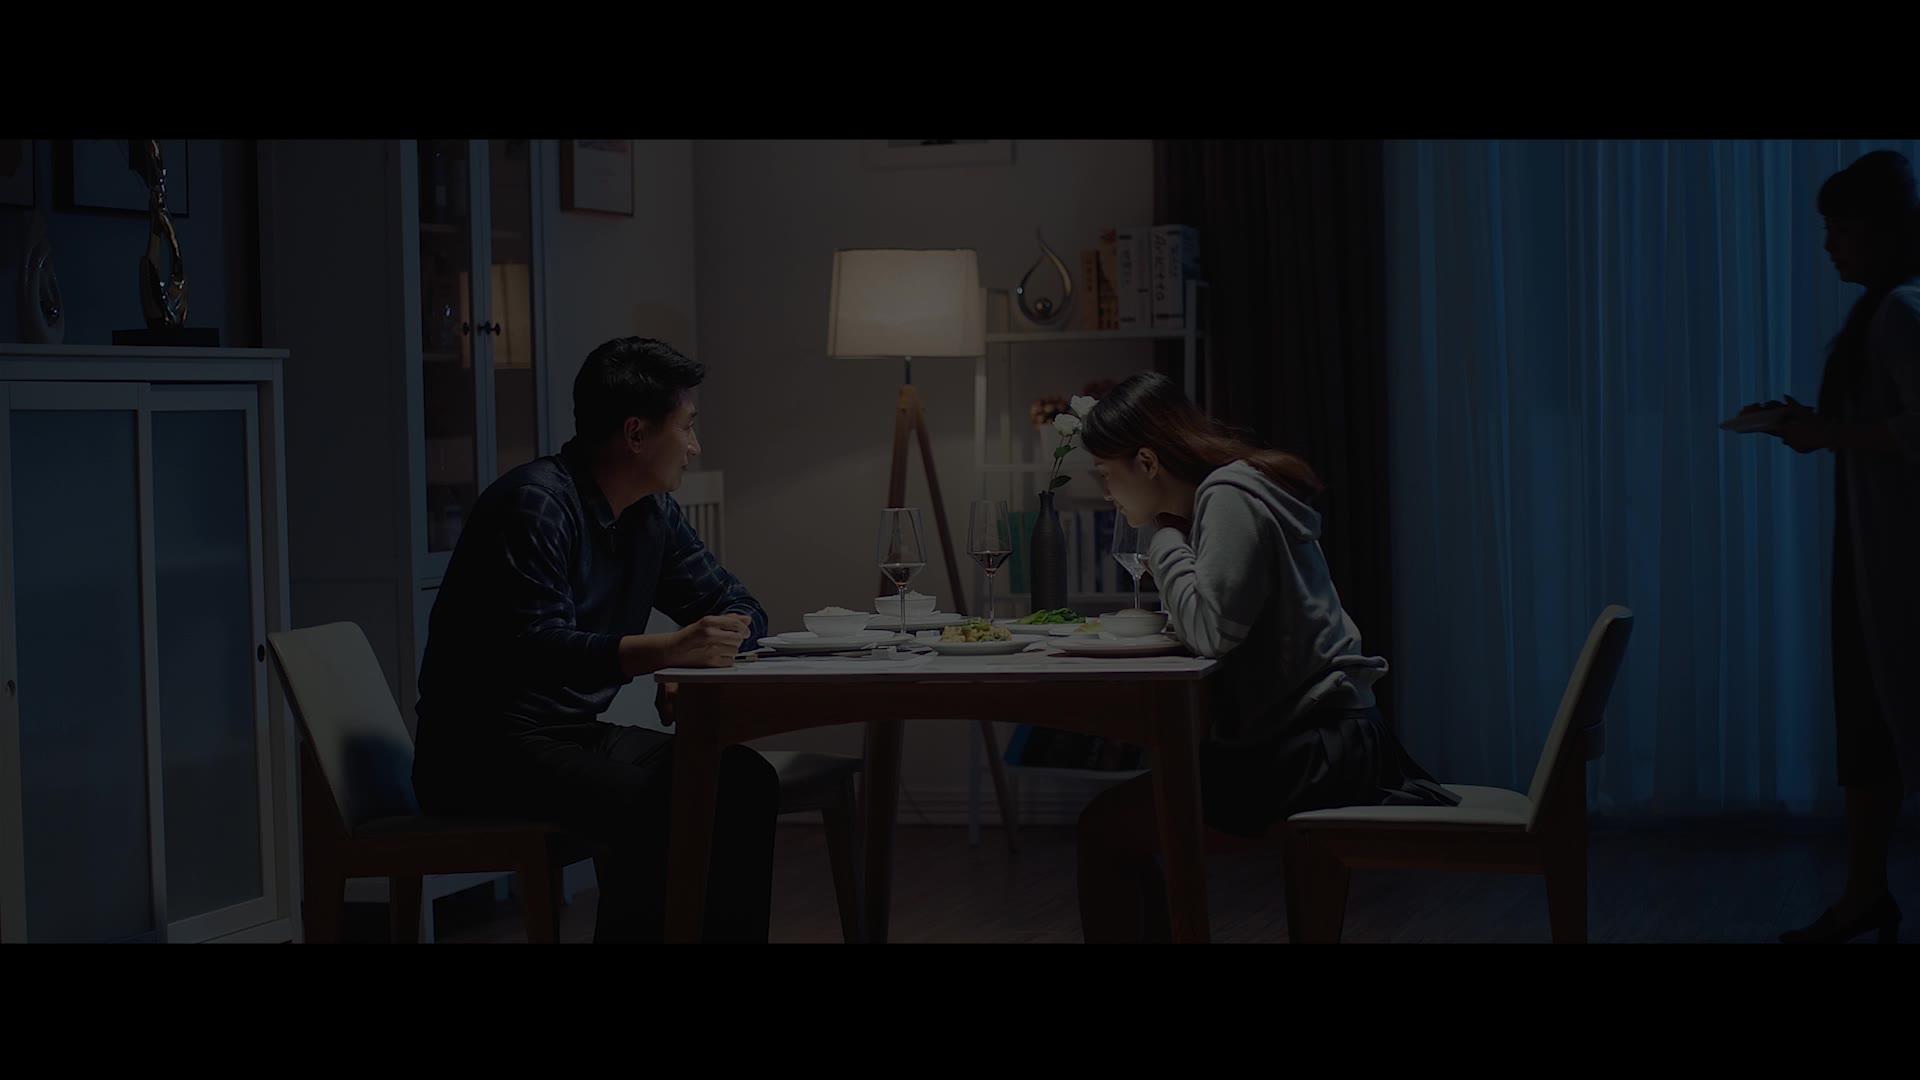 战国微电影,仅以此片献给每一个正在追梦路上的人。